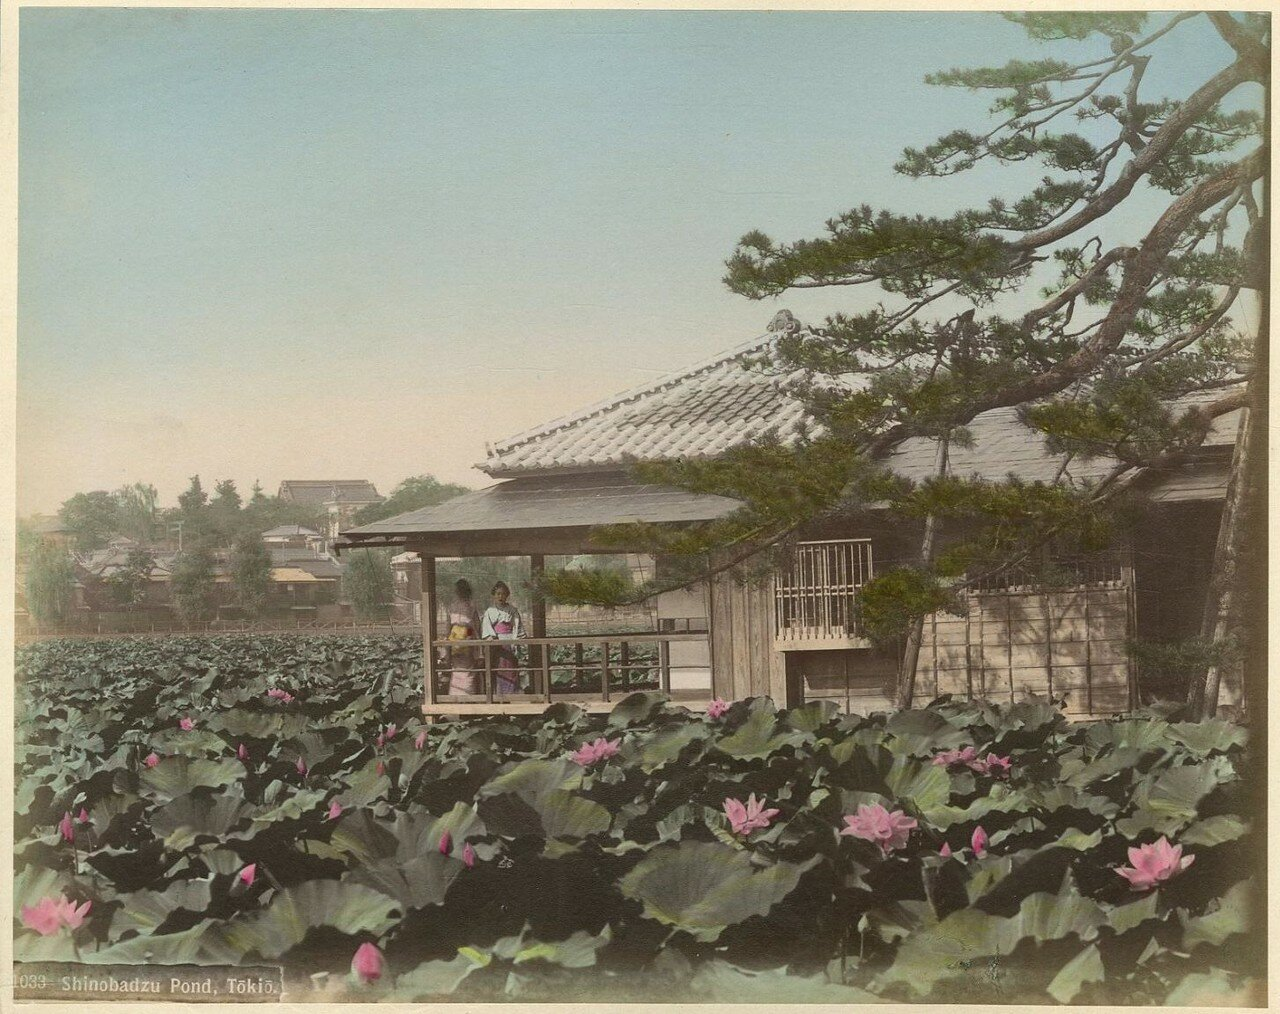 Токио.  Пруды Синобадзу